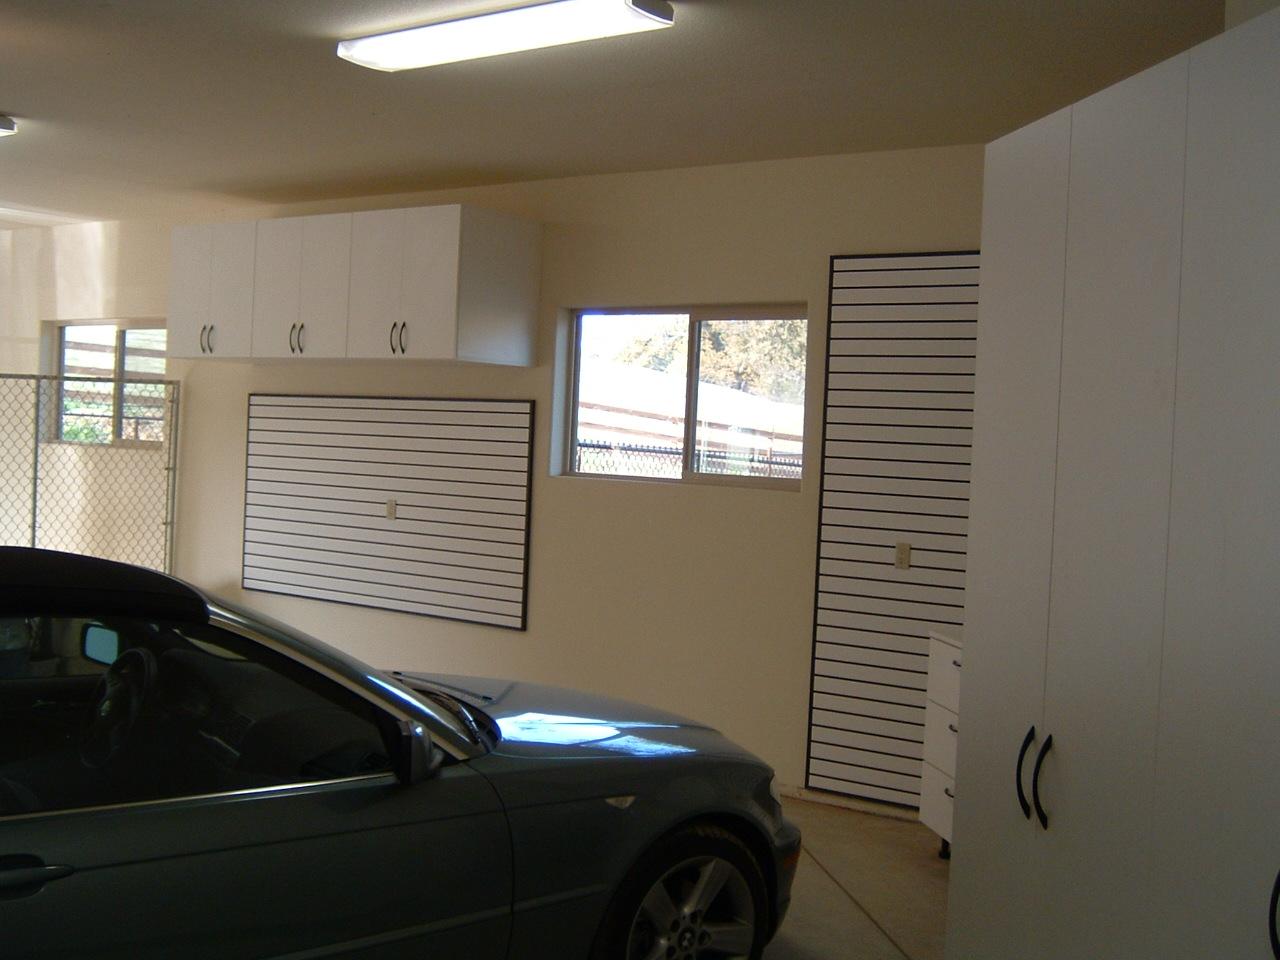 N Witt Garage 1 (6).JPG